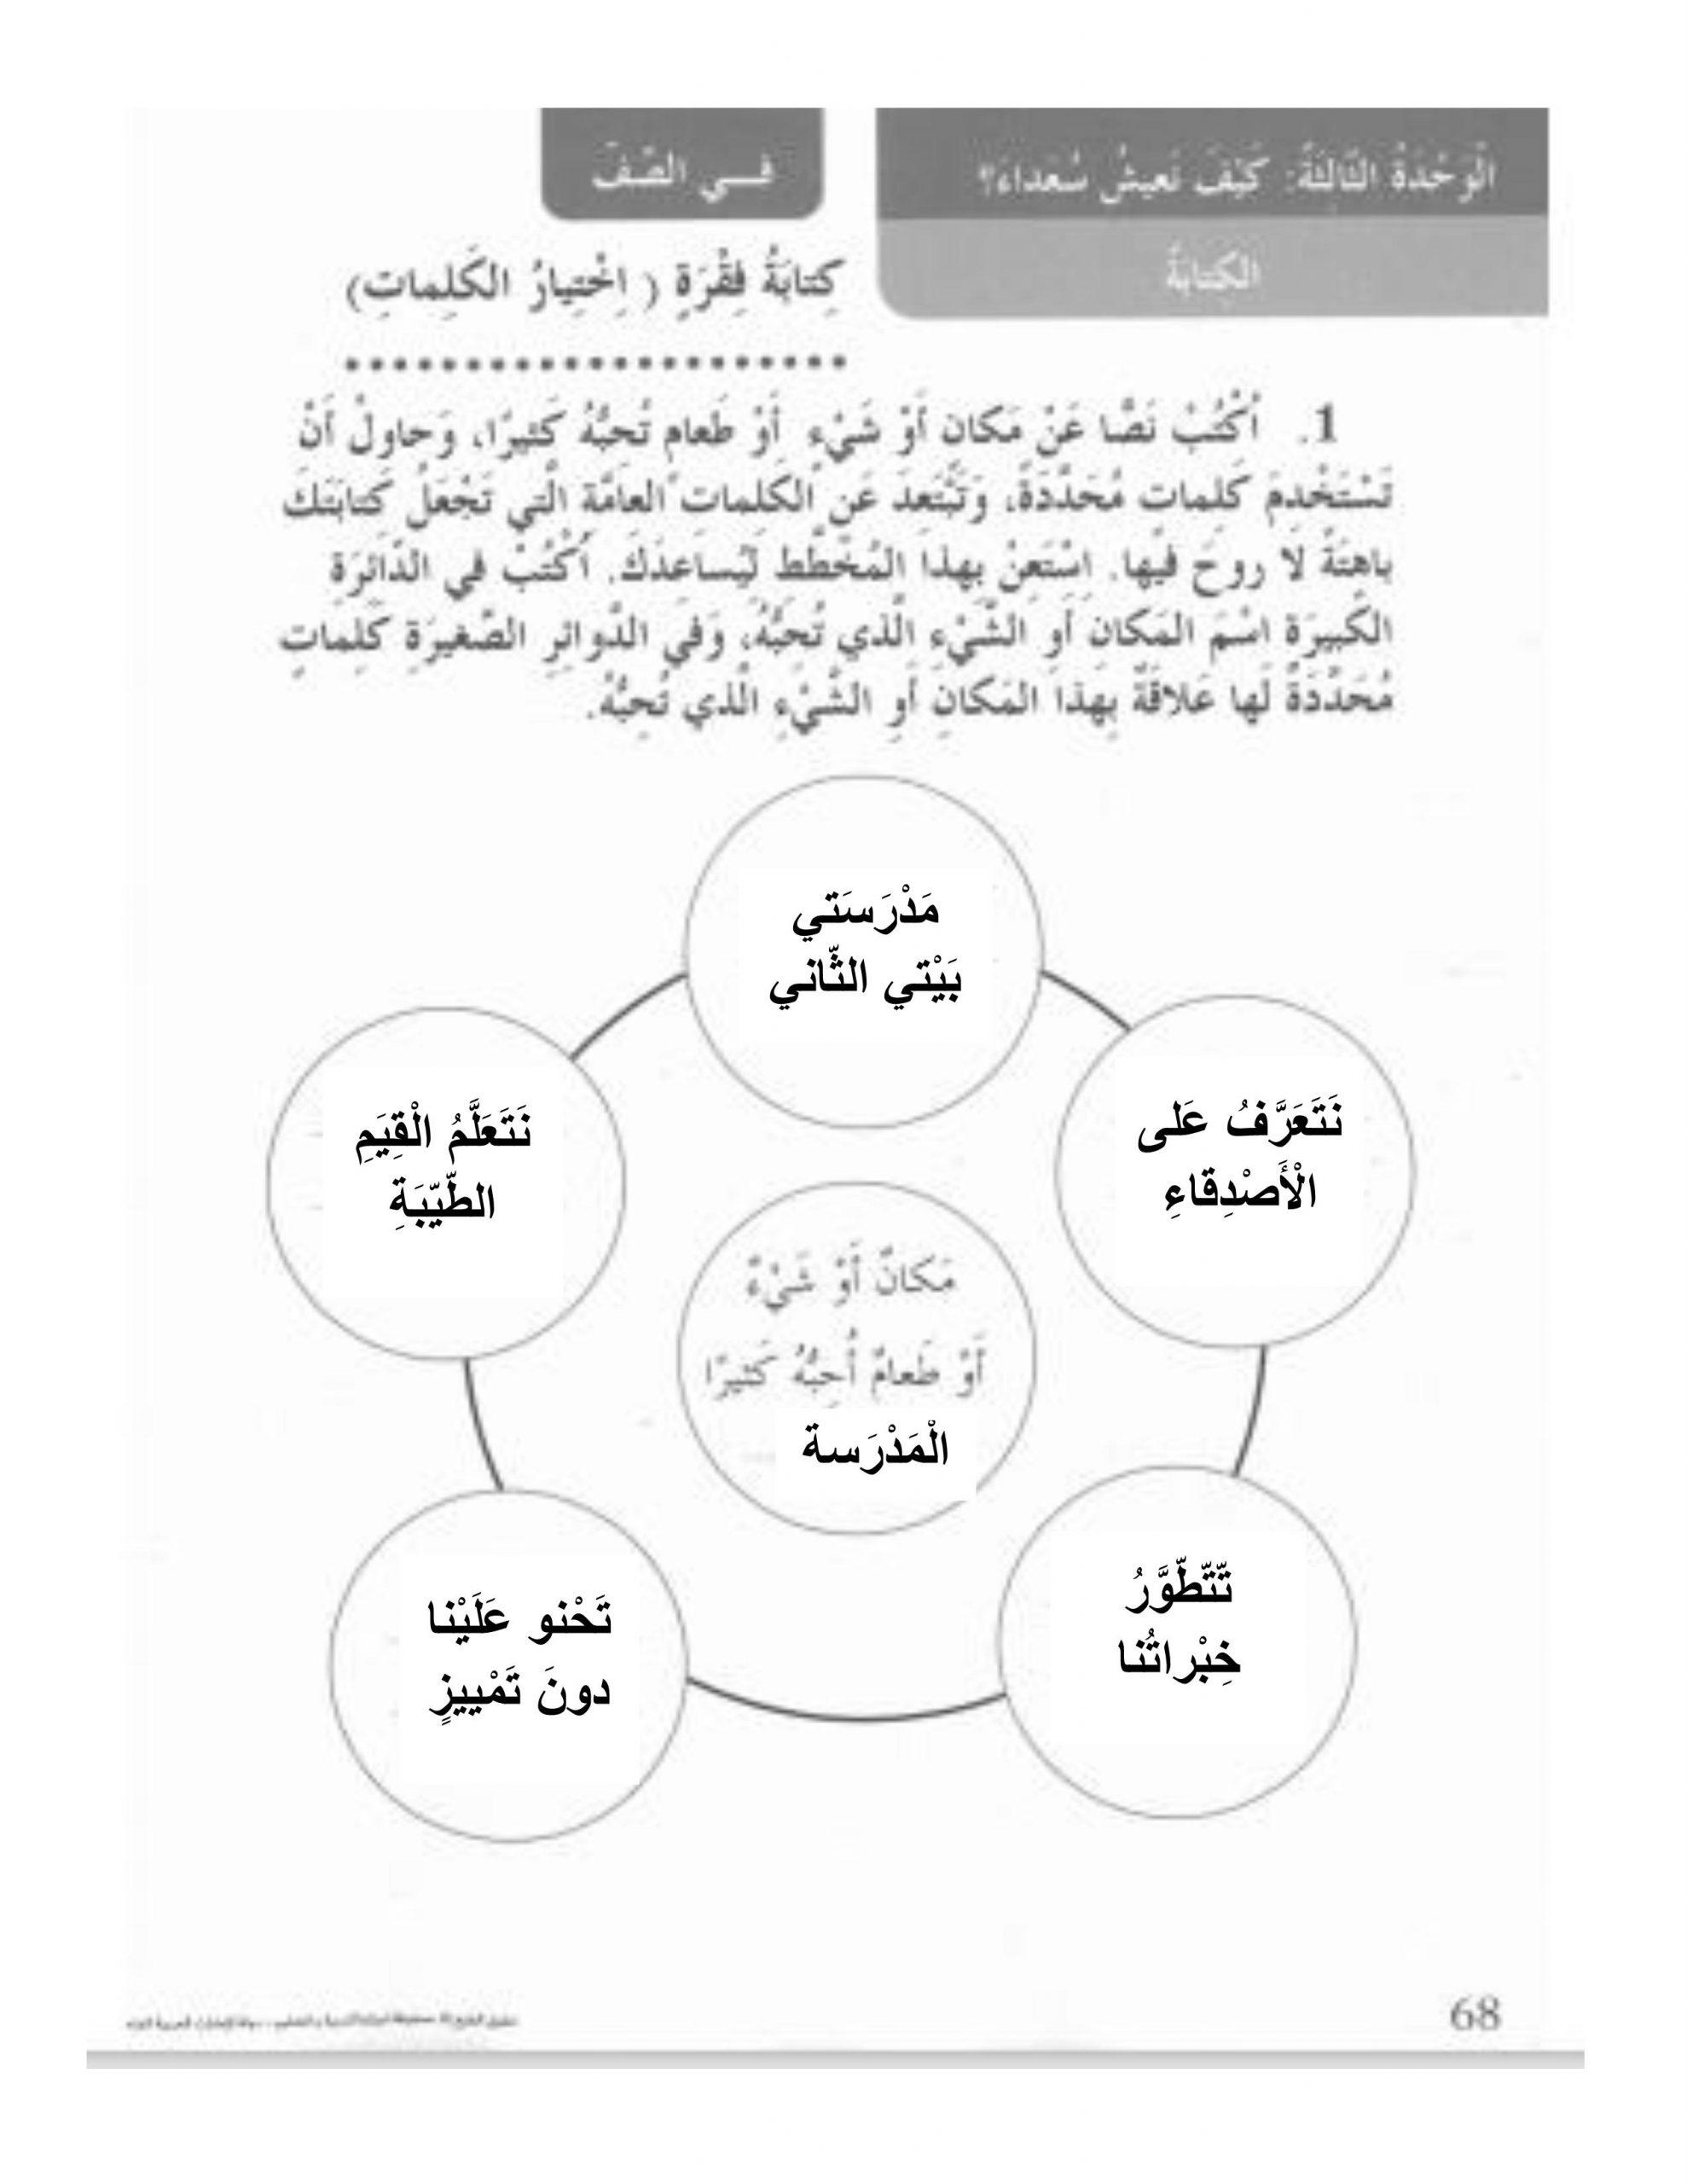 حل كتابة فقرة كتاب النشاط الصف الثالث مادة اللغة العربية